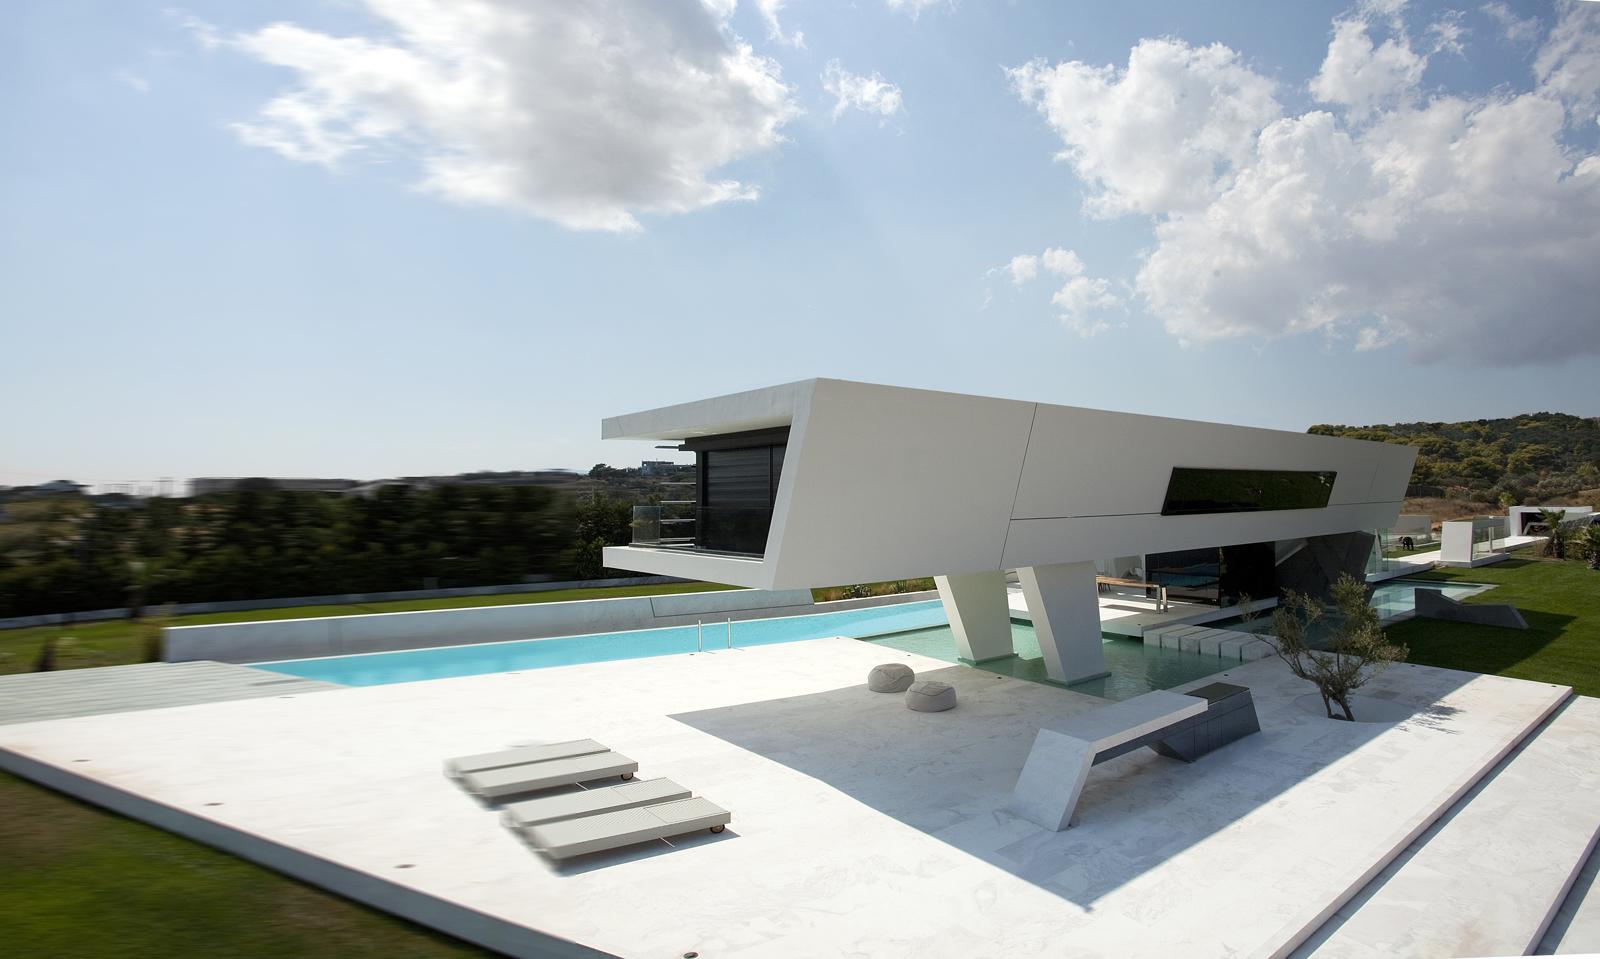 01 314 architecture studio